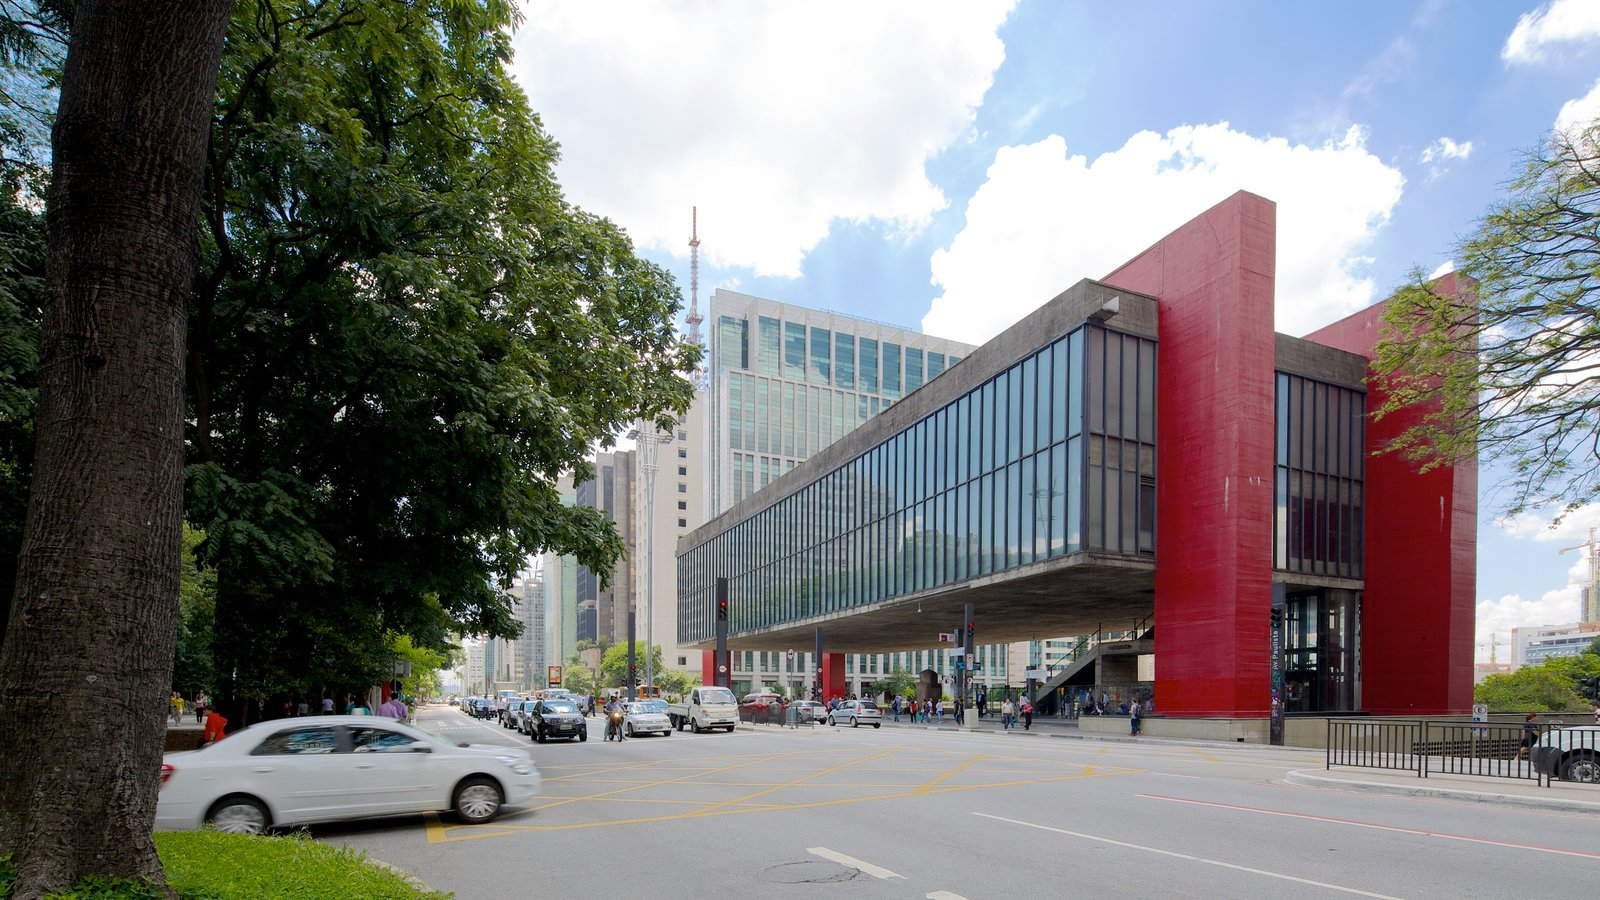 Museu de Arte Moderna caracterizando cenas de rua, arquitetura moderna e uma cidade